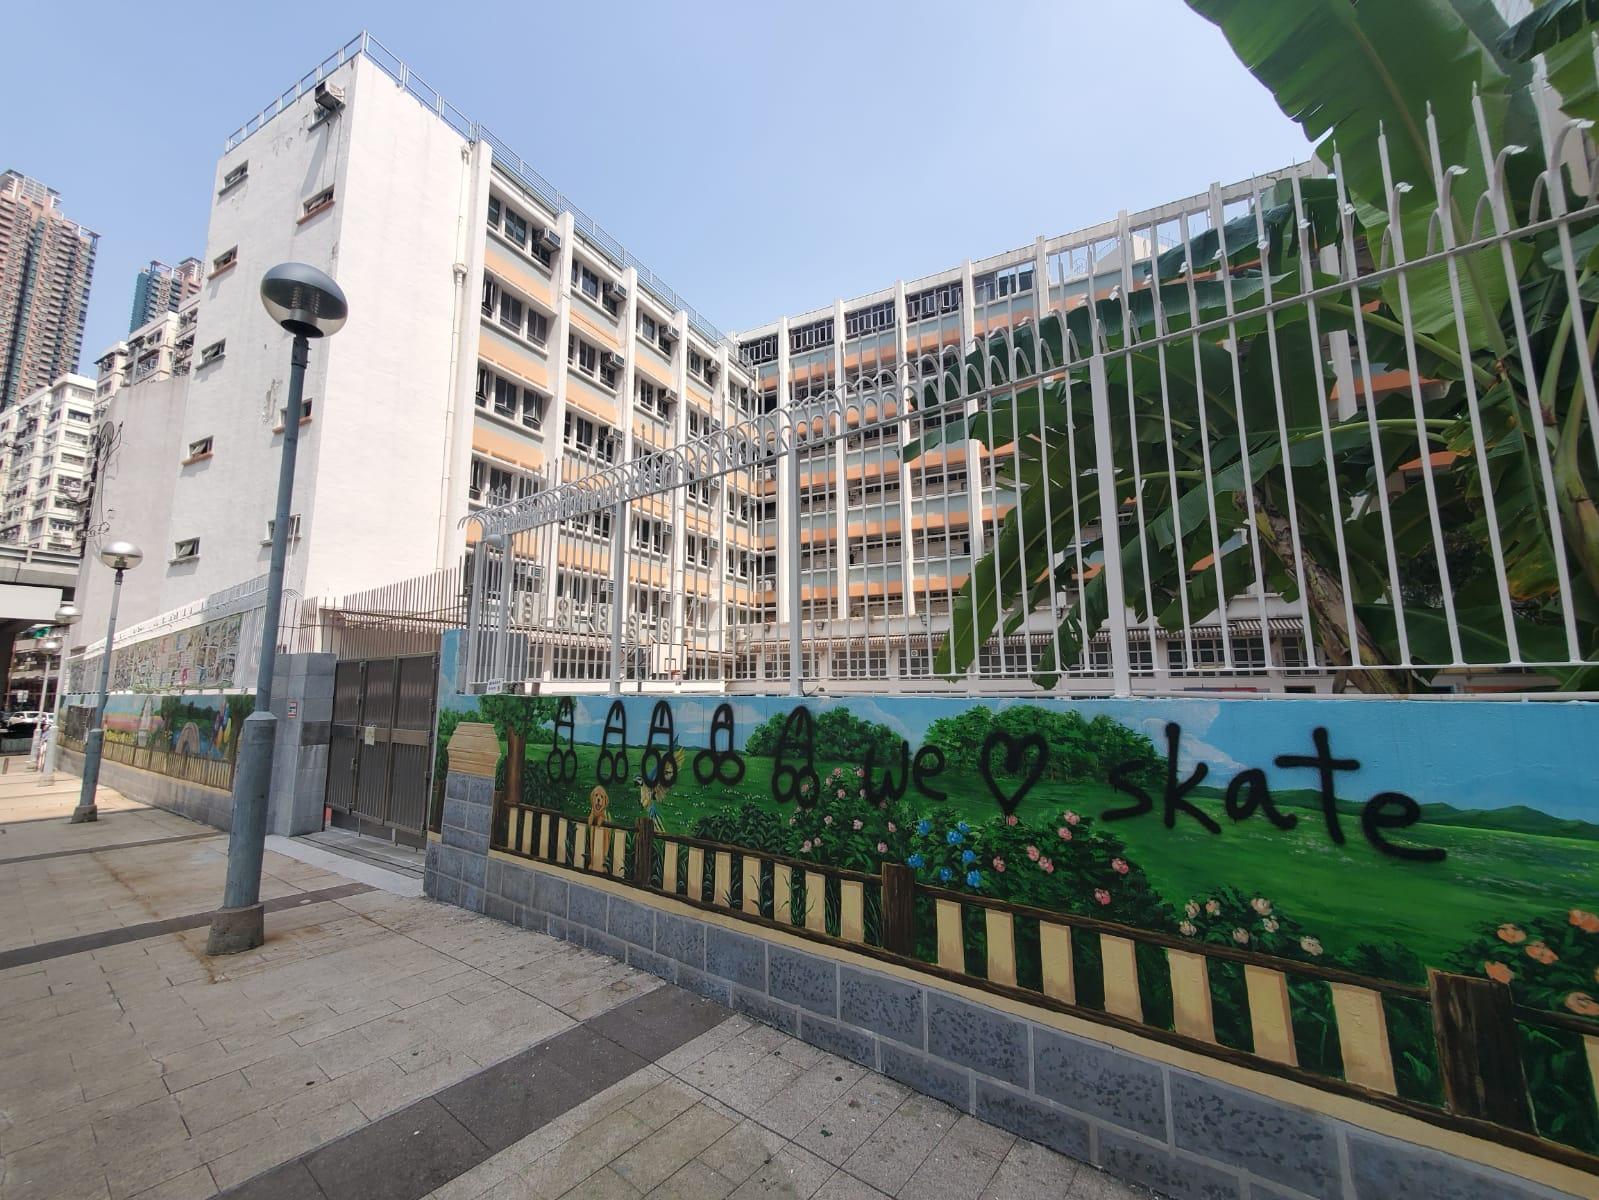 大角咀天主教小學外牆被人噴字塗鴉。 梁國峰攝